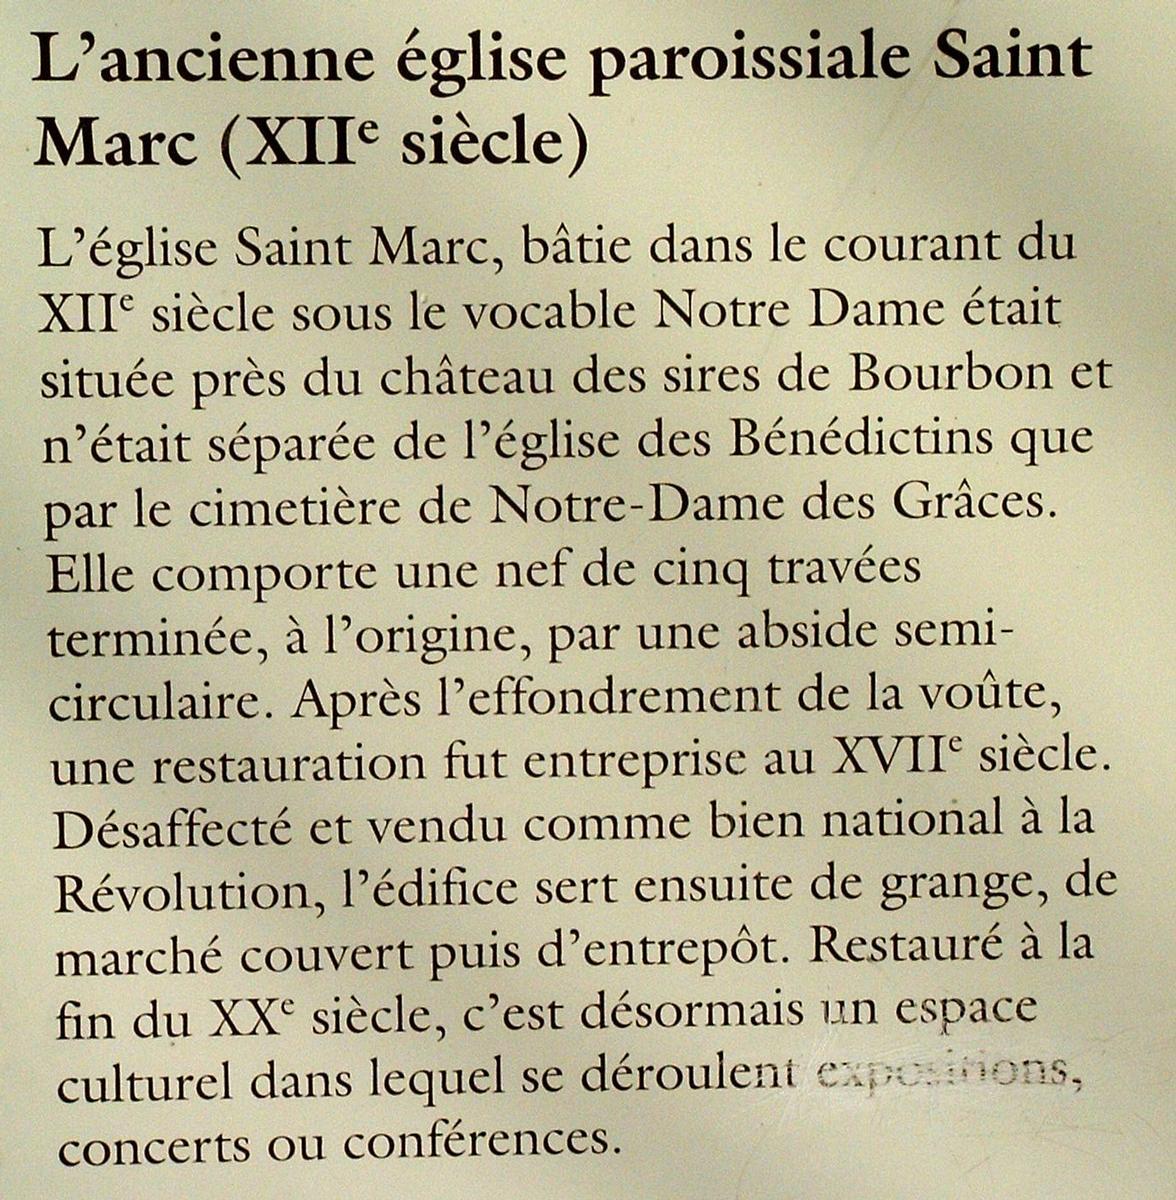 Souvigny - Ancienne église paroissiale Saint-Marc - Panneau d'information